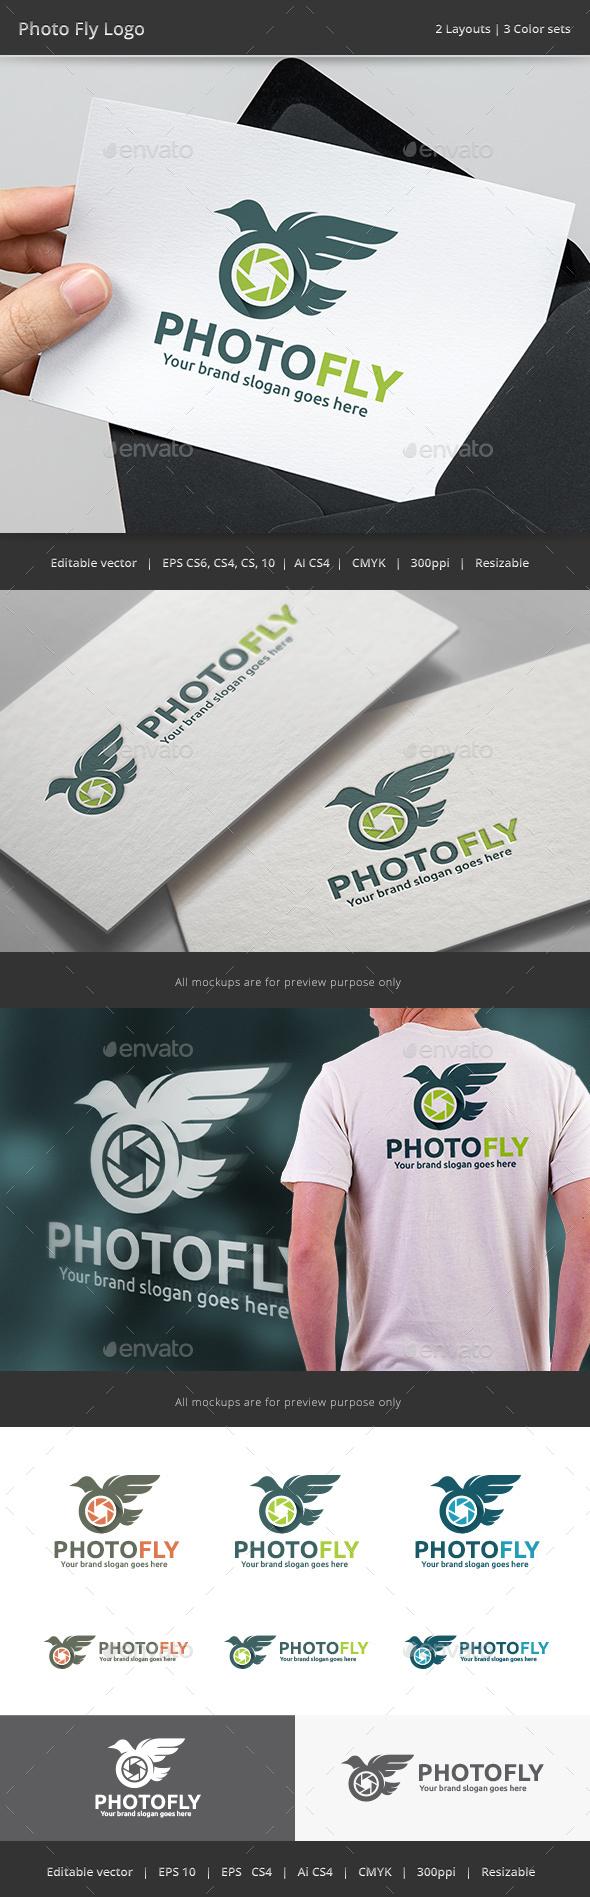 Photo Fly Bird Camera Logo - Vector Abstract